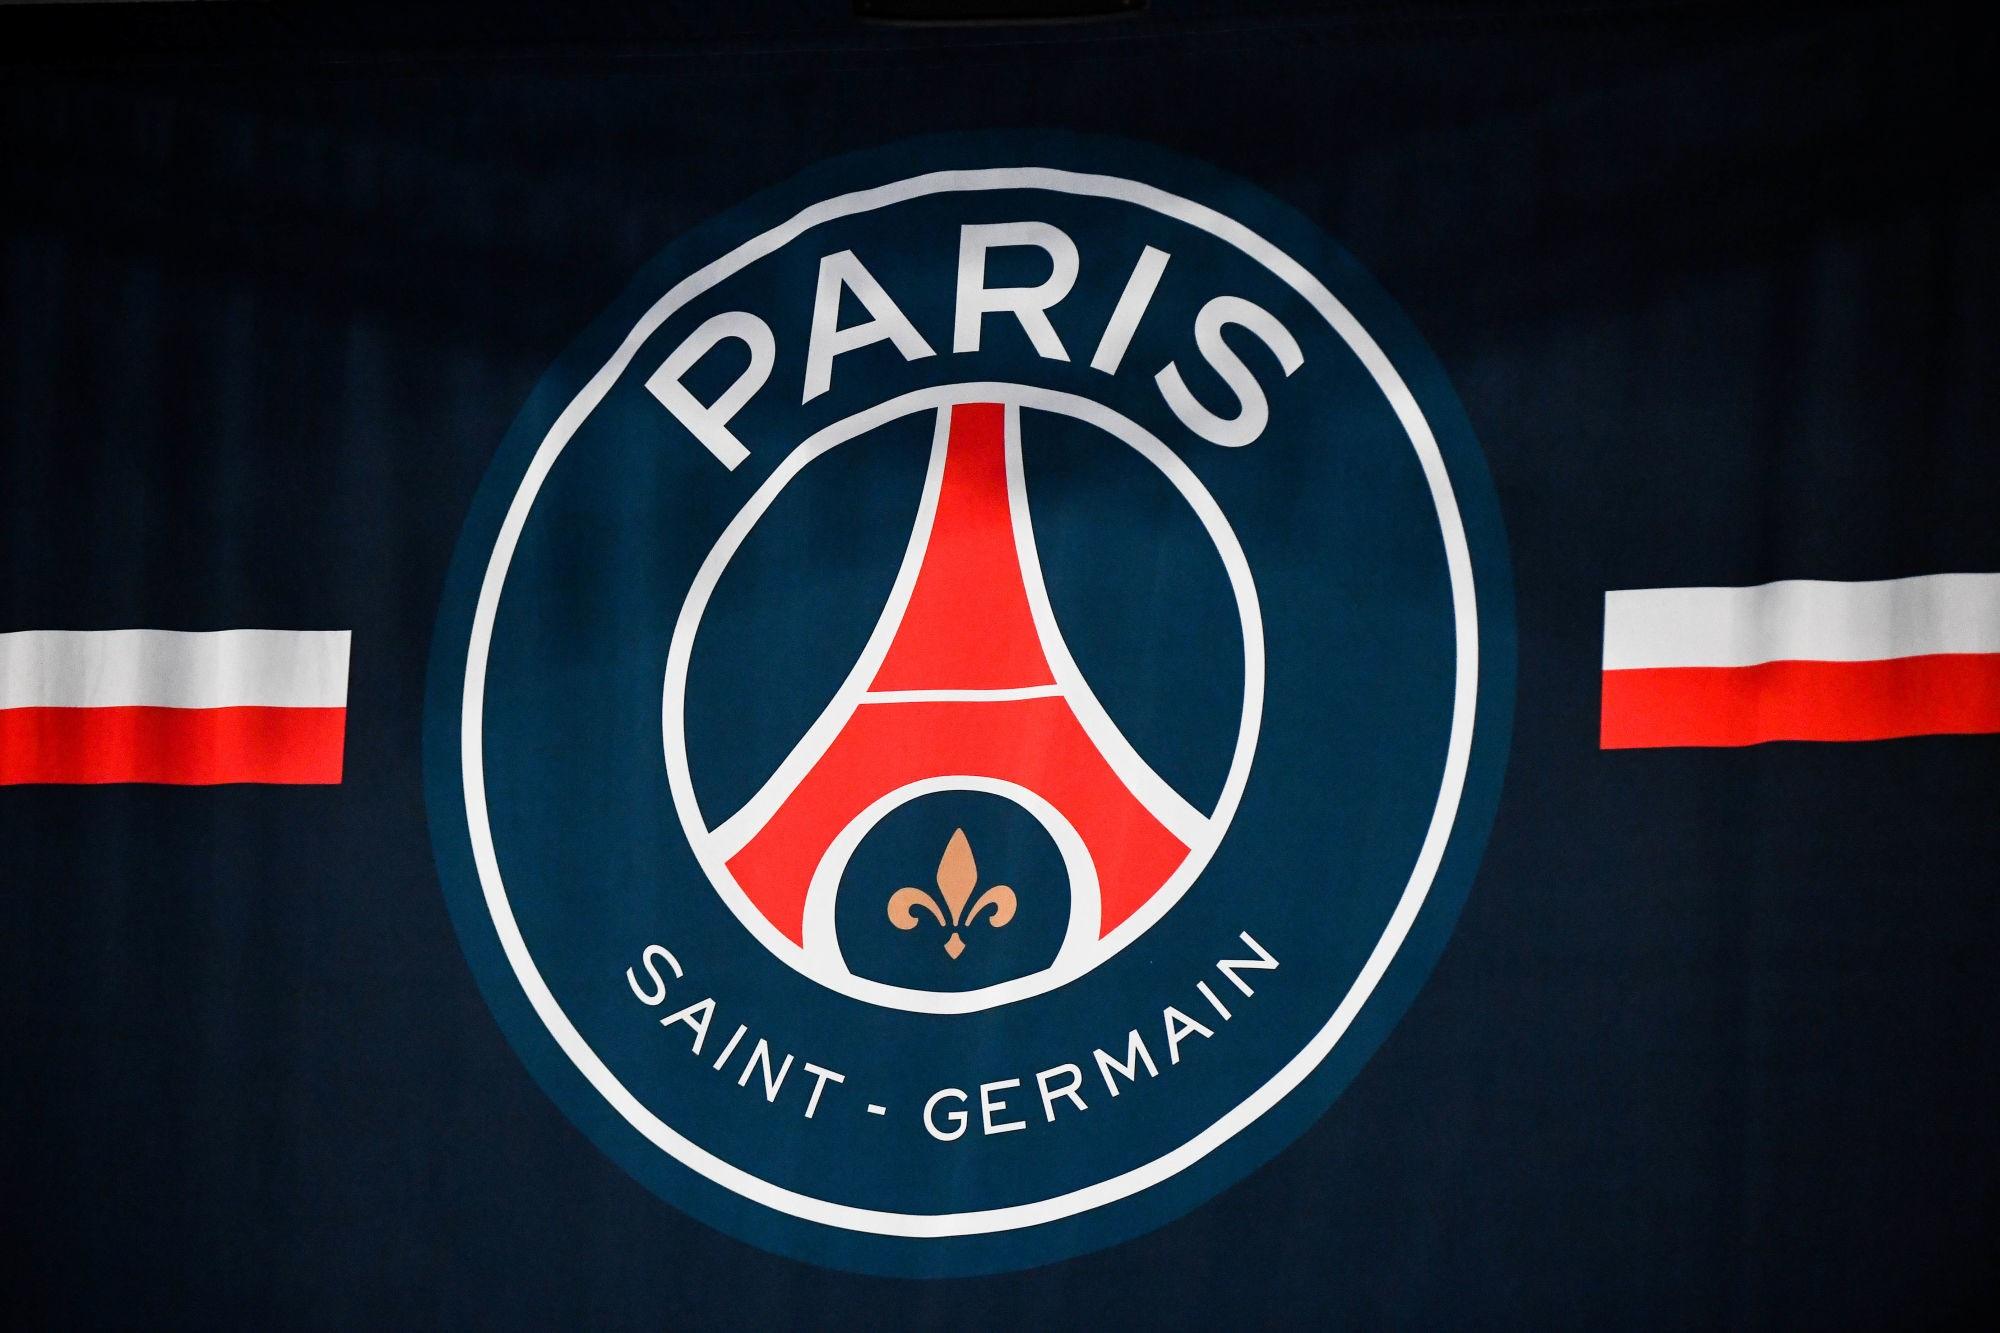 Le PSG a terminé son mercato estival 2020, confirme Le Parisien